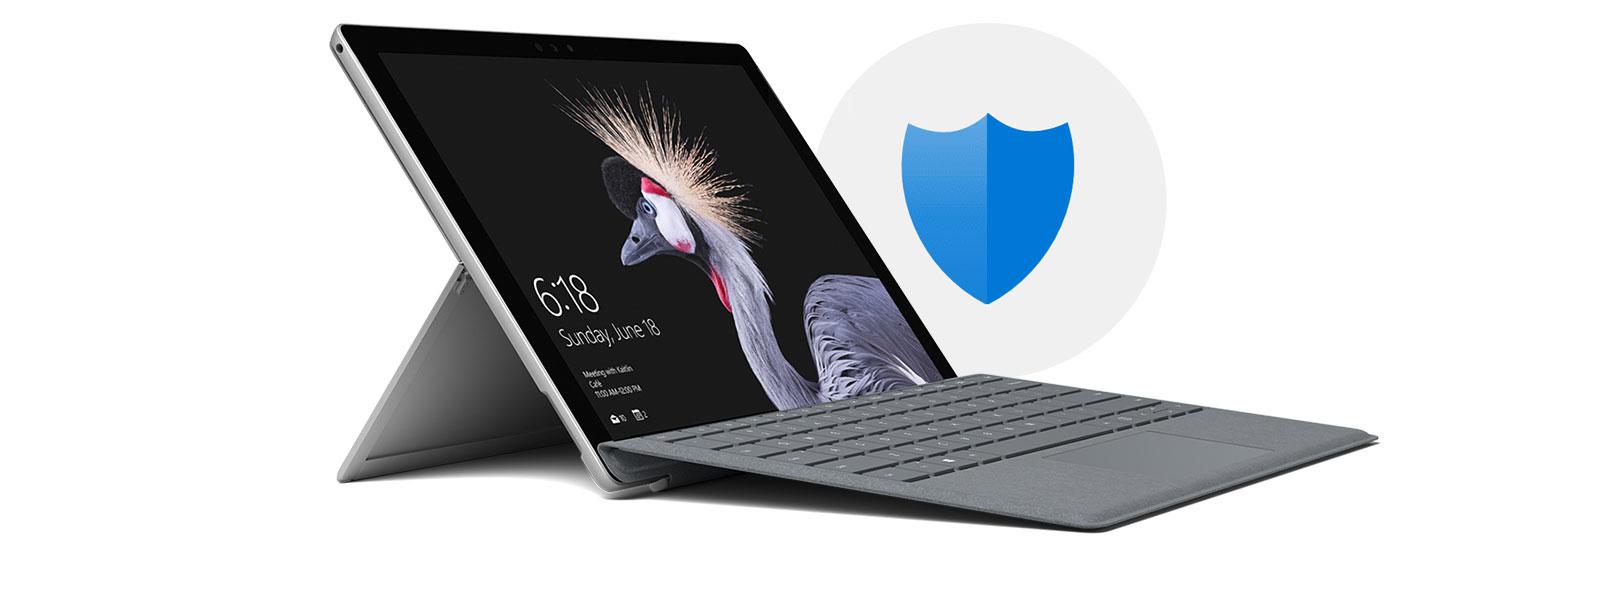 Surface Pro in laptopmodus met startscherm, naar rechts gericht met een beveiligingspictogram op de achtergrond